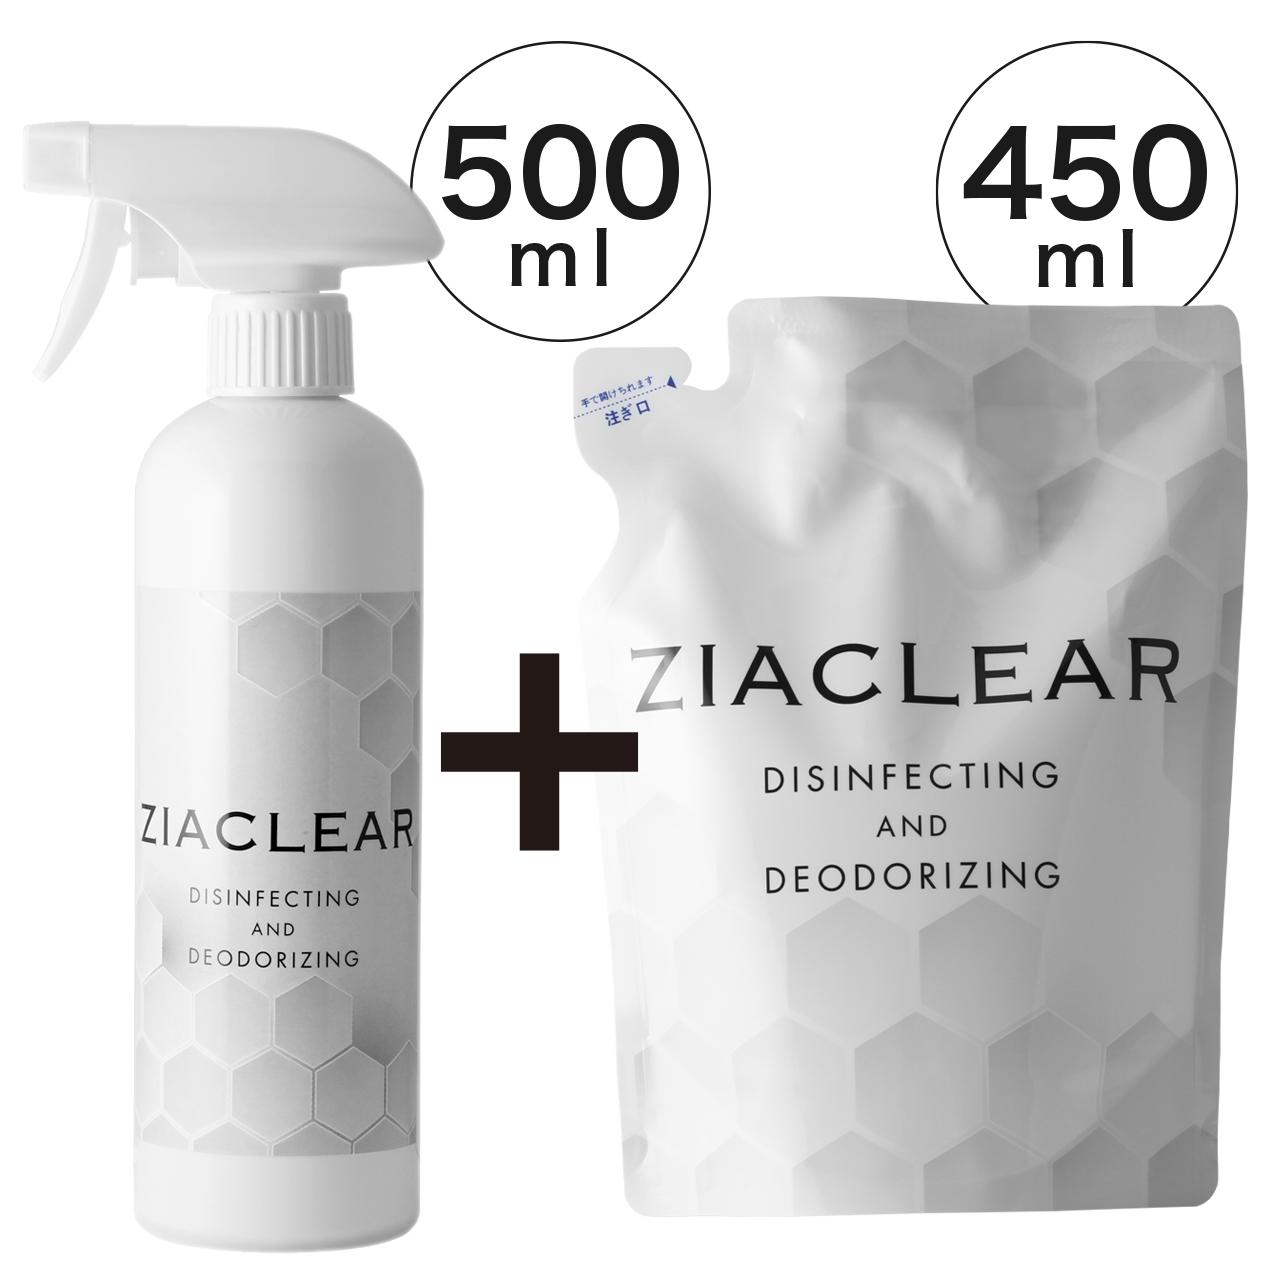 次亜塩素酸水 除菌 消臭「ジアクリア」スプレーボトル 500ml/詰め替え450mlパウチセット